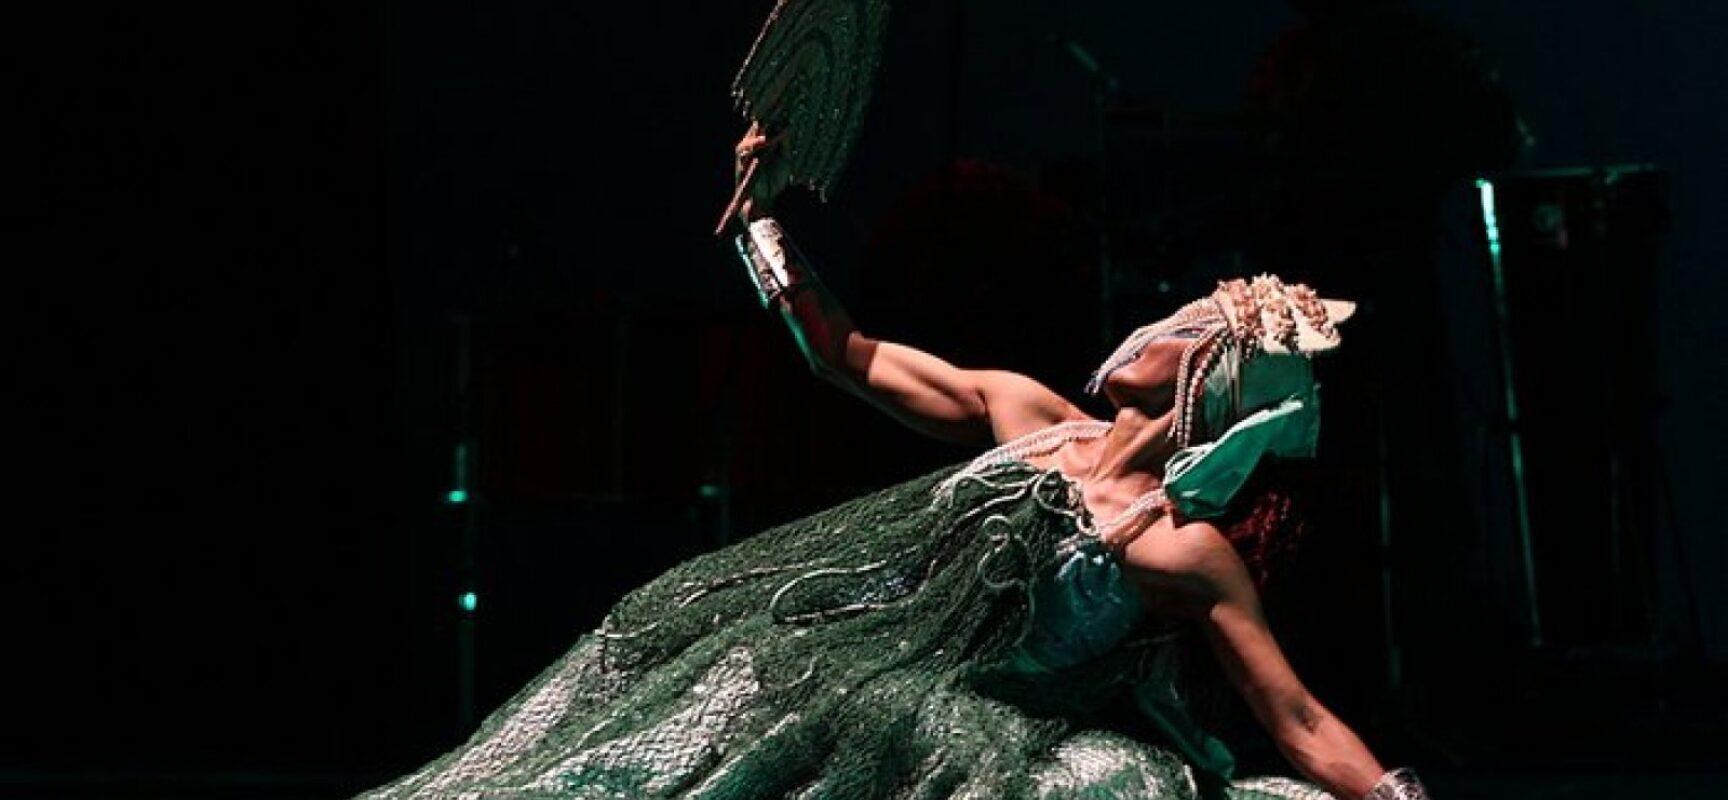 """Balé Folclórico da Bahia faz campanha para continuar funcionando. """"Corremos o risco de acabar"""", diz diretor"""